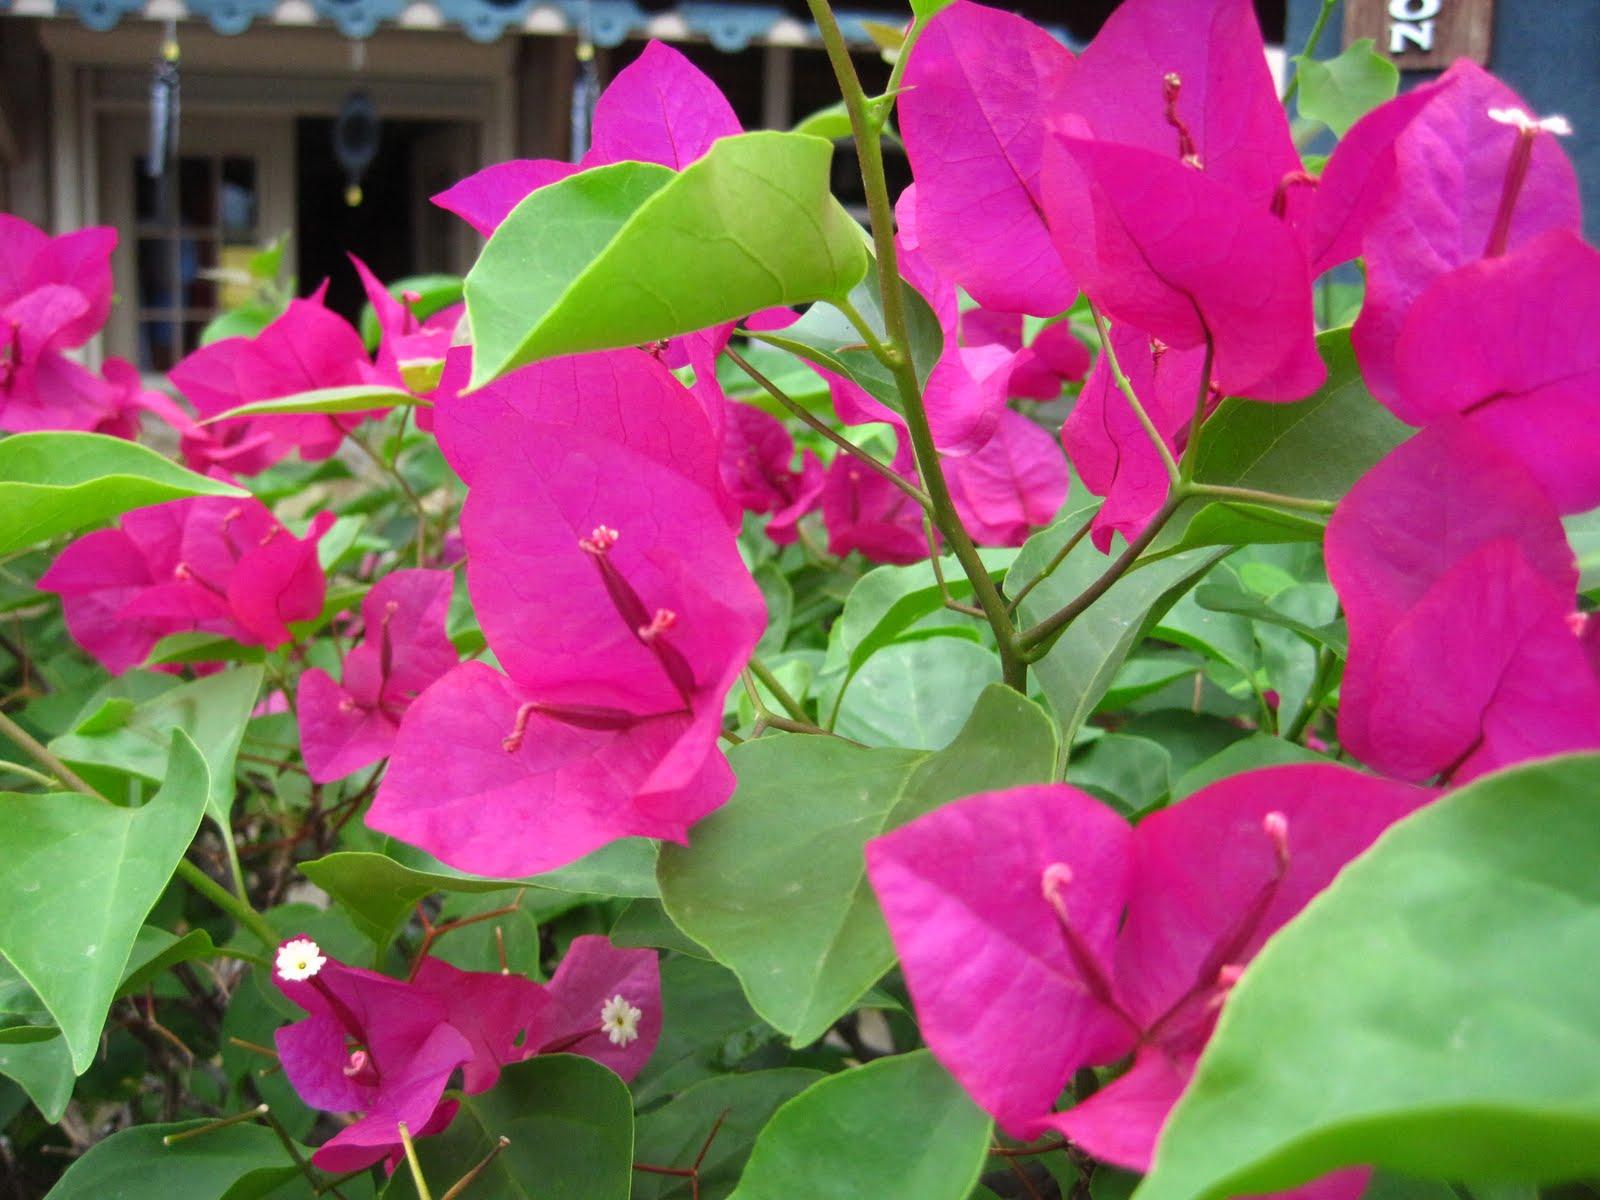 Pink Flowers By Name 7 Hd Wallpaper Hdflowerwallpaper